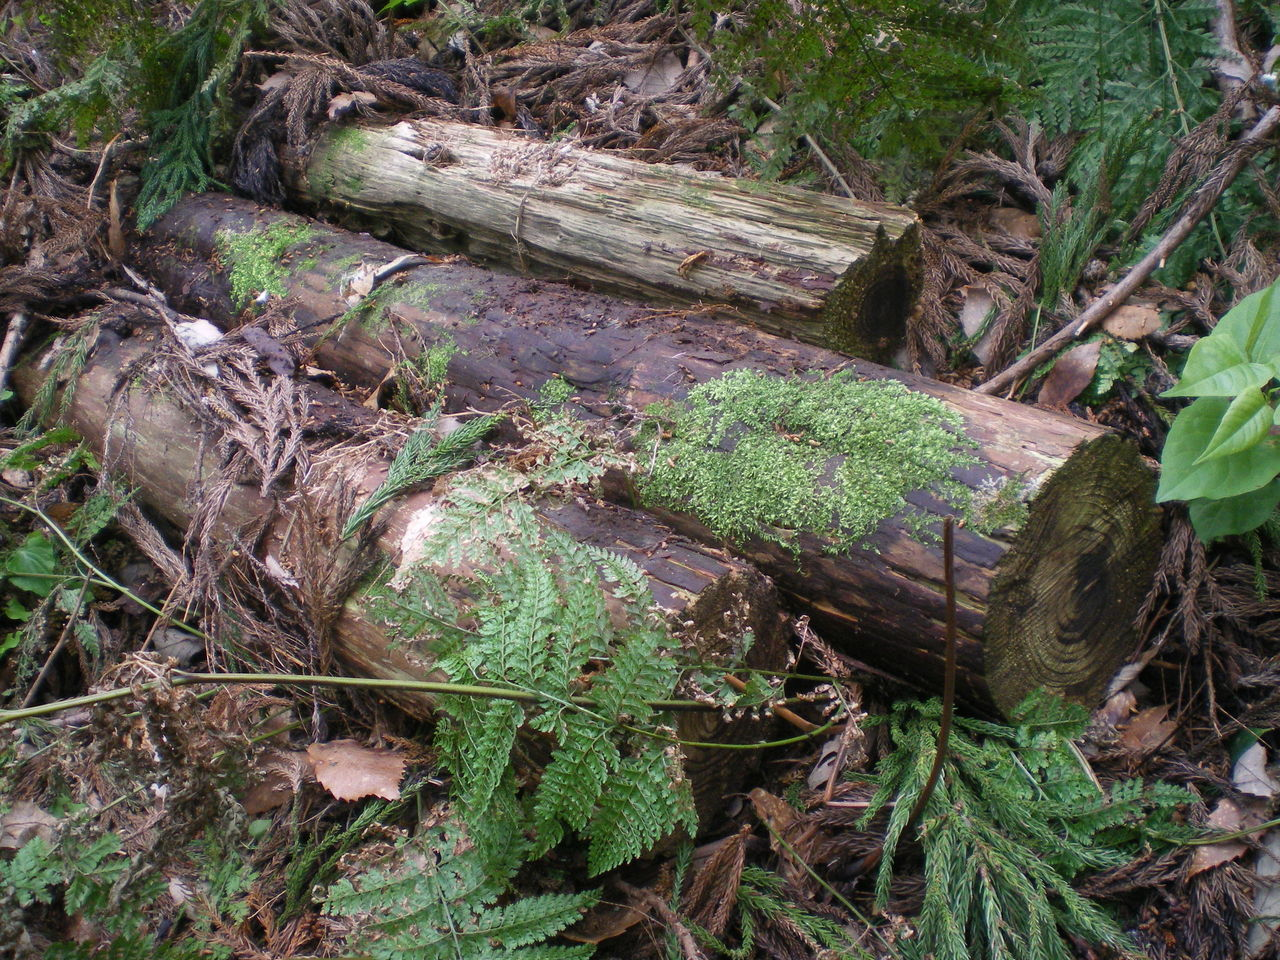 ・・・すると、倒木の下に、細長い謎の生き物が!一瞬、「ウゲゲゲッ、巨大な... イモリブログ(イ